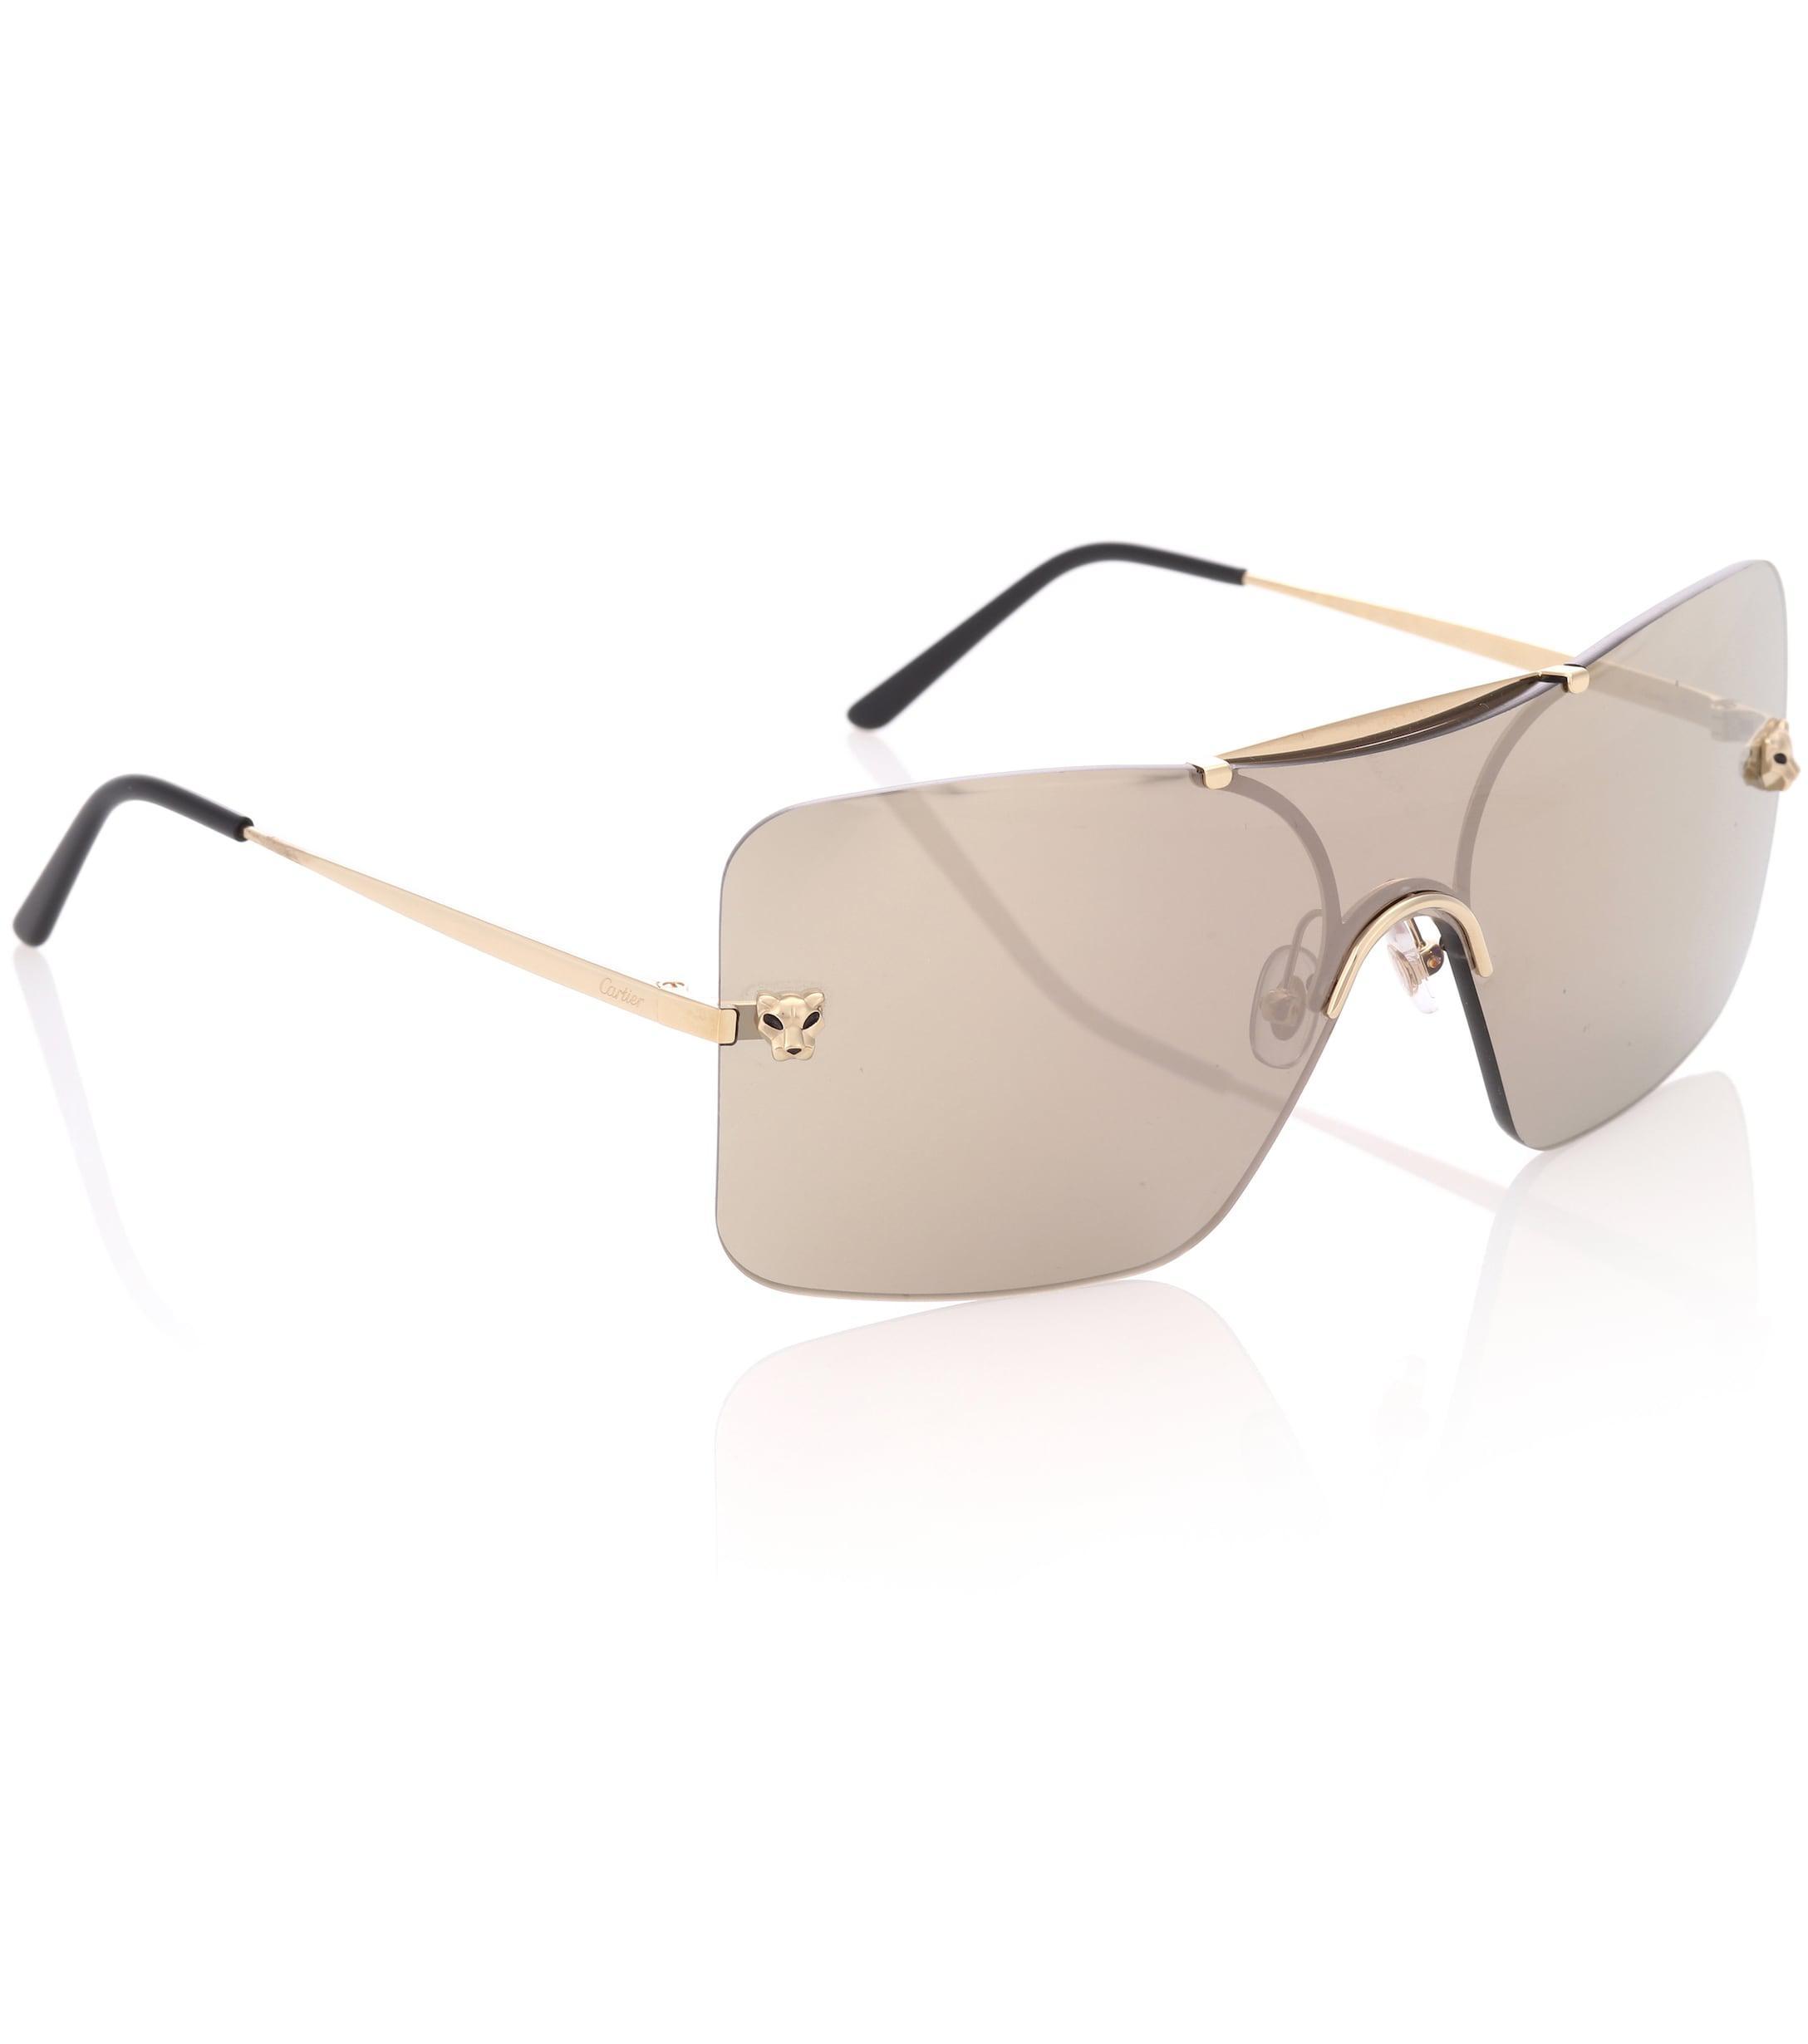 c22ac1809c3 Cartier - Metallic Panthère De Cartier Square Sunglasses - Lyst. View  fullscreen